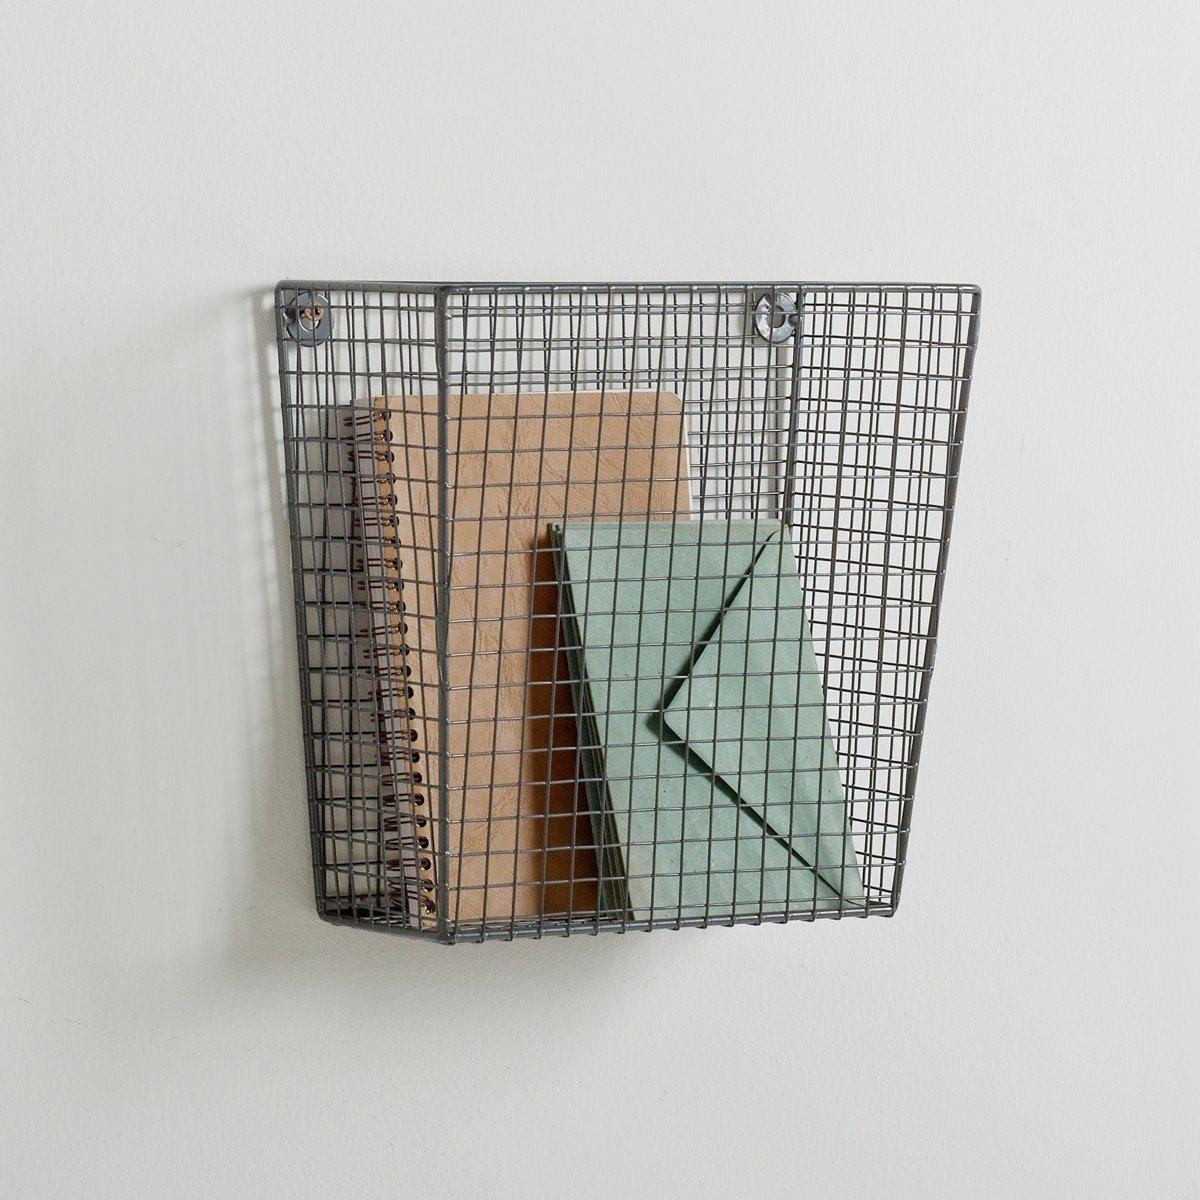 2 металлические корзины для хранения.Особые крепления повзоляют прикрутить корзины к стене для максимальной экономии свободного пространства.Размер первой корзины: 25,4 x 12,7 x 25,4 см.Размер второй корзины: 30,5 x 15,5 x 30,5 см.<br><br>Цвет: серый<br>Размер: единый размер